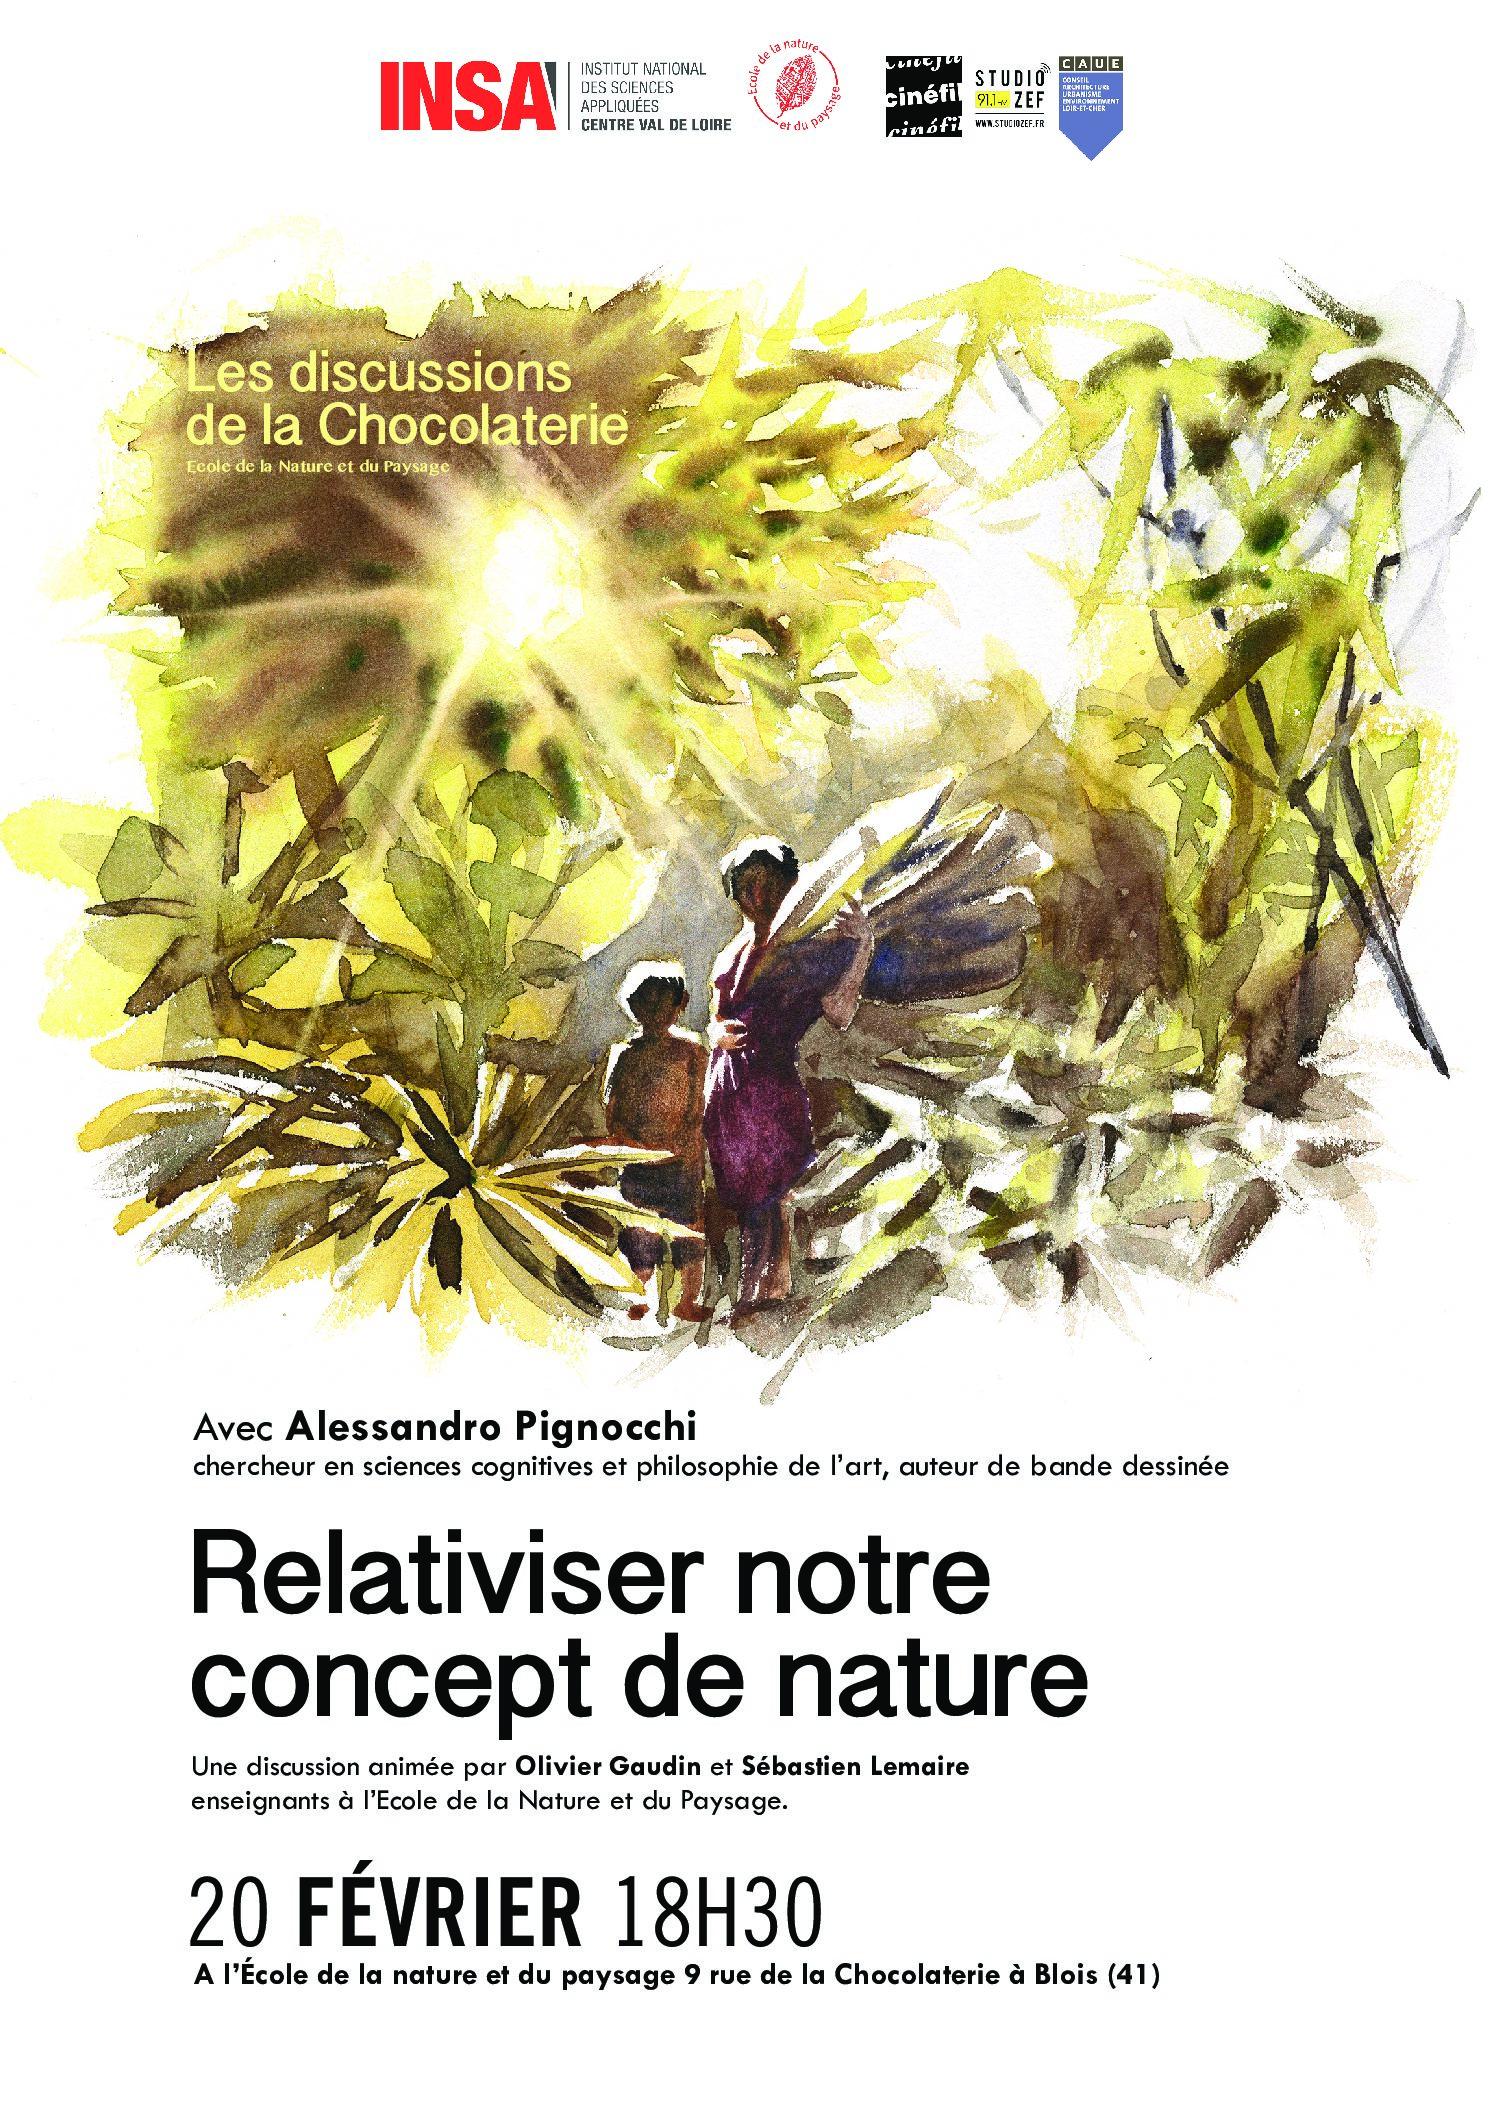 La discussion de février : Relativiser notre concept de nature